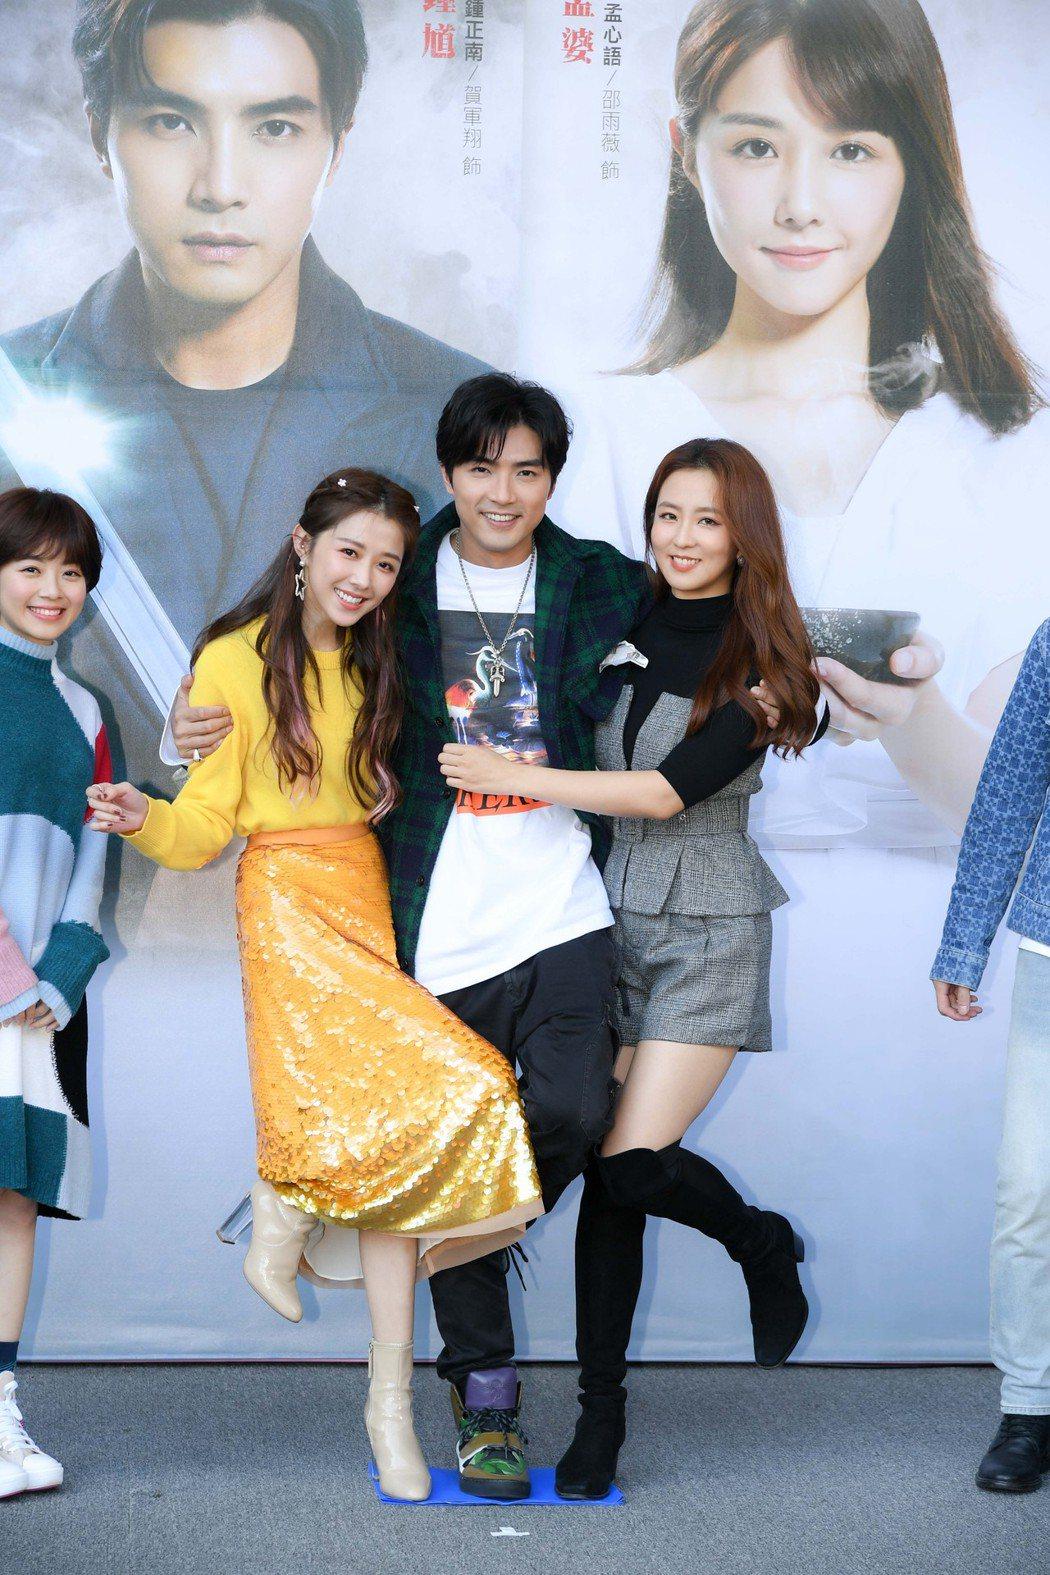 邵雨薇(左起)、賀軍翔、周曉涵出席「天巡者」台中粉絲見面會。圖/三立提供